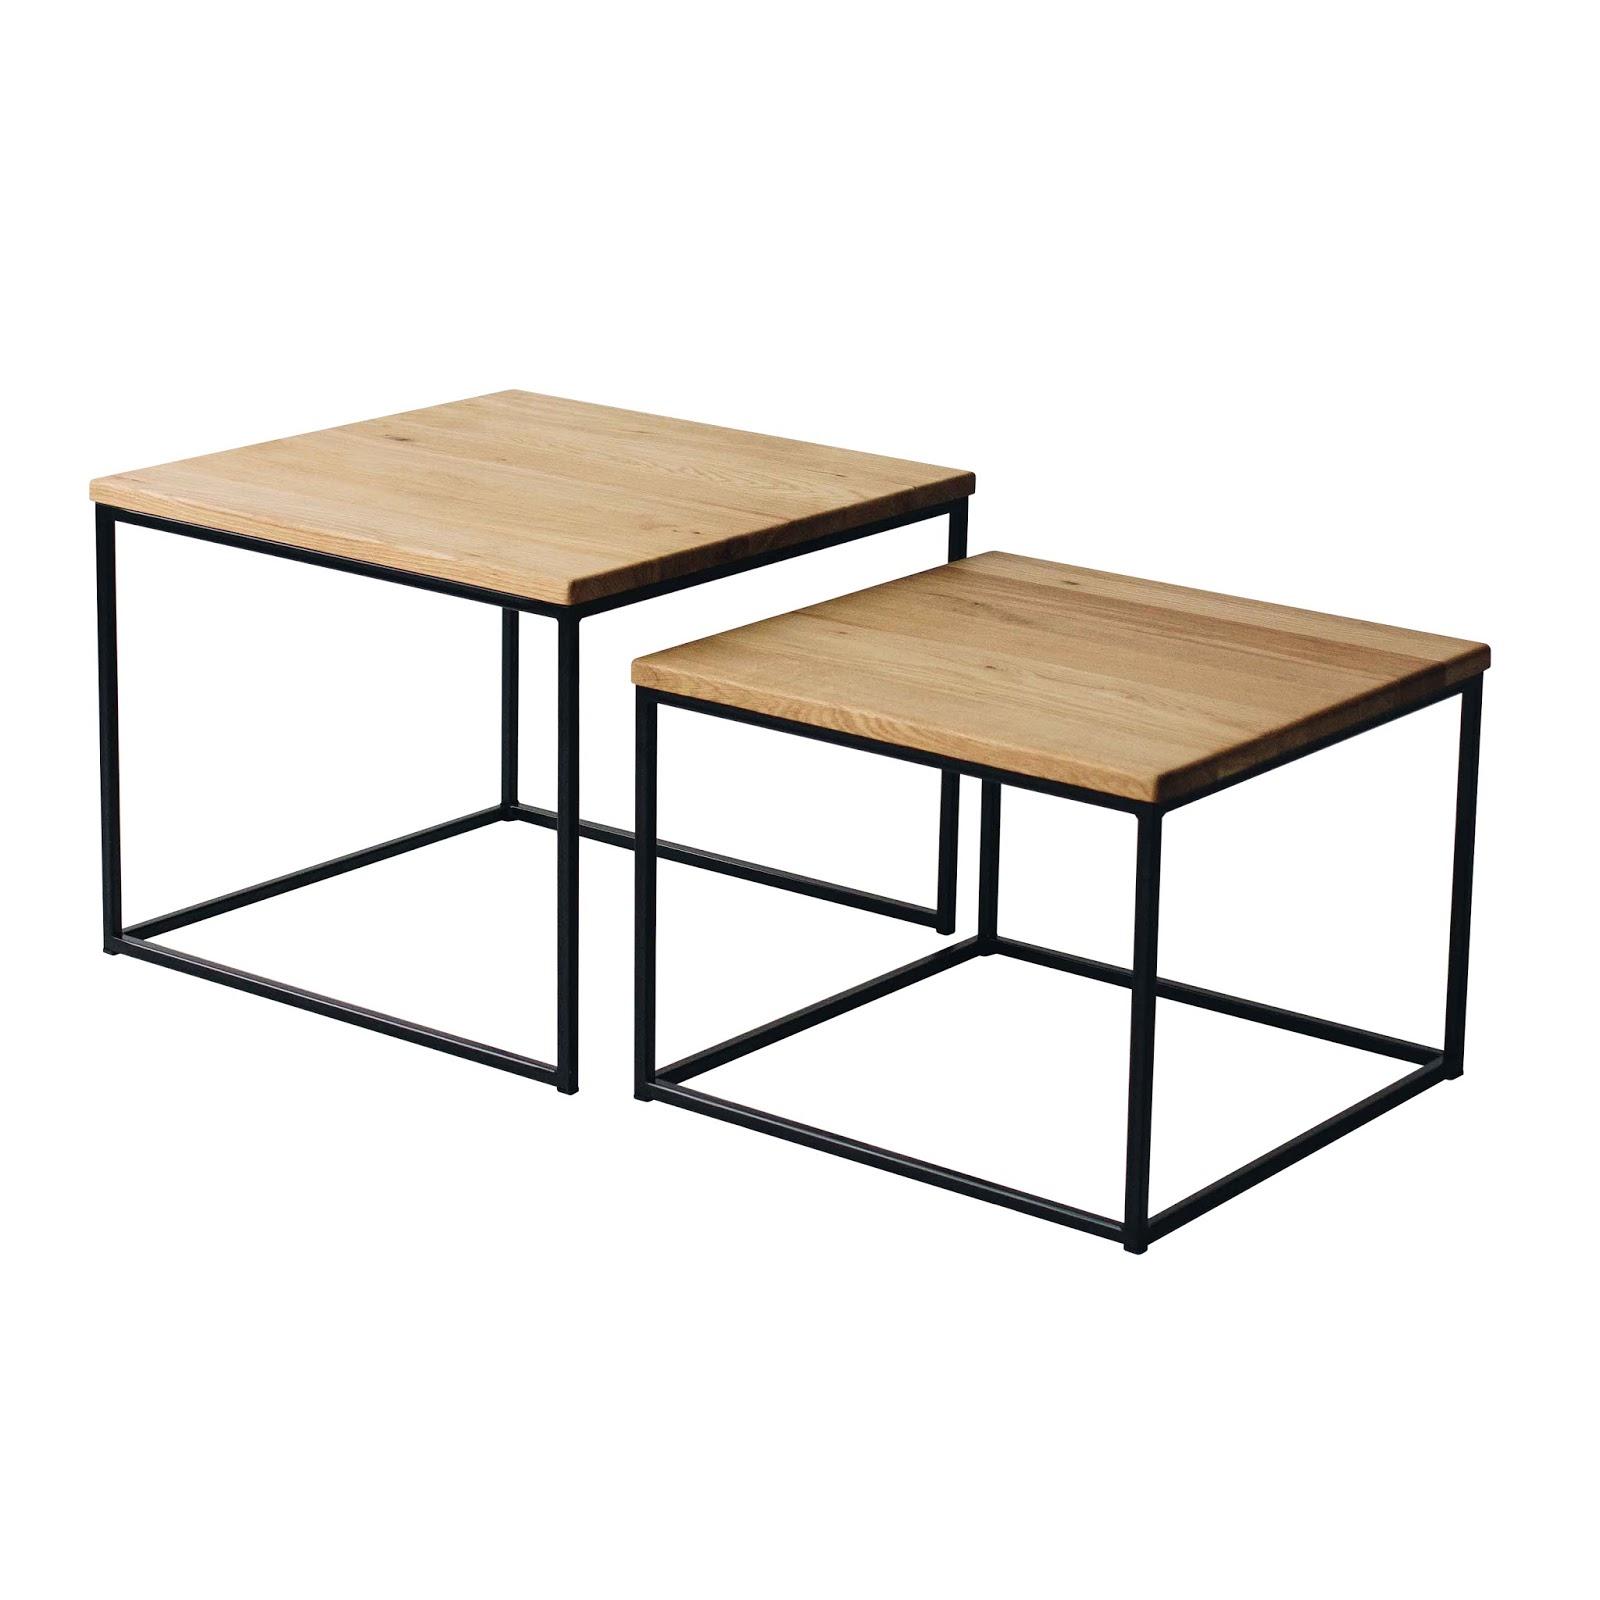 bestloft 2erset couchtisch eiche hell metallgestell schwarz beistelltisch 706686454396 ebay. Black Bedroom Furniture Sets. Home Design Ideas